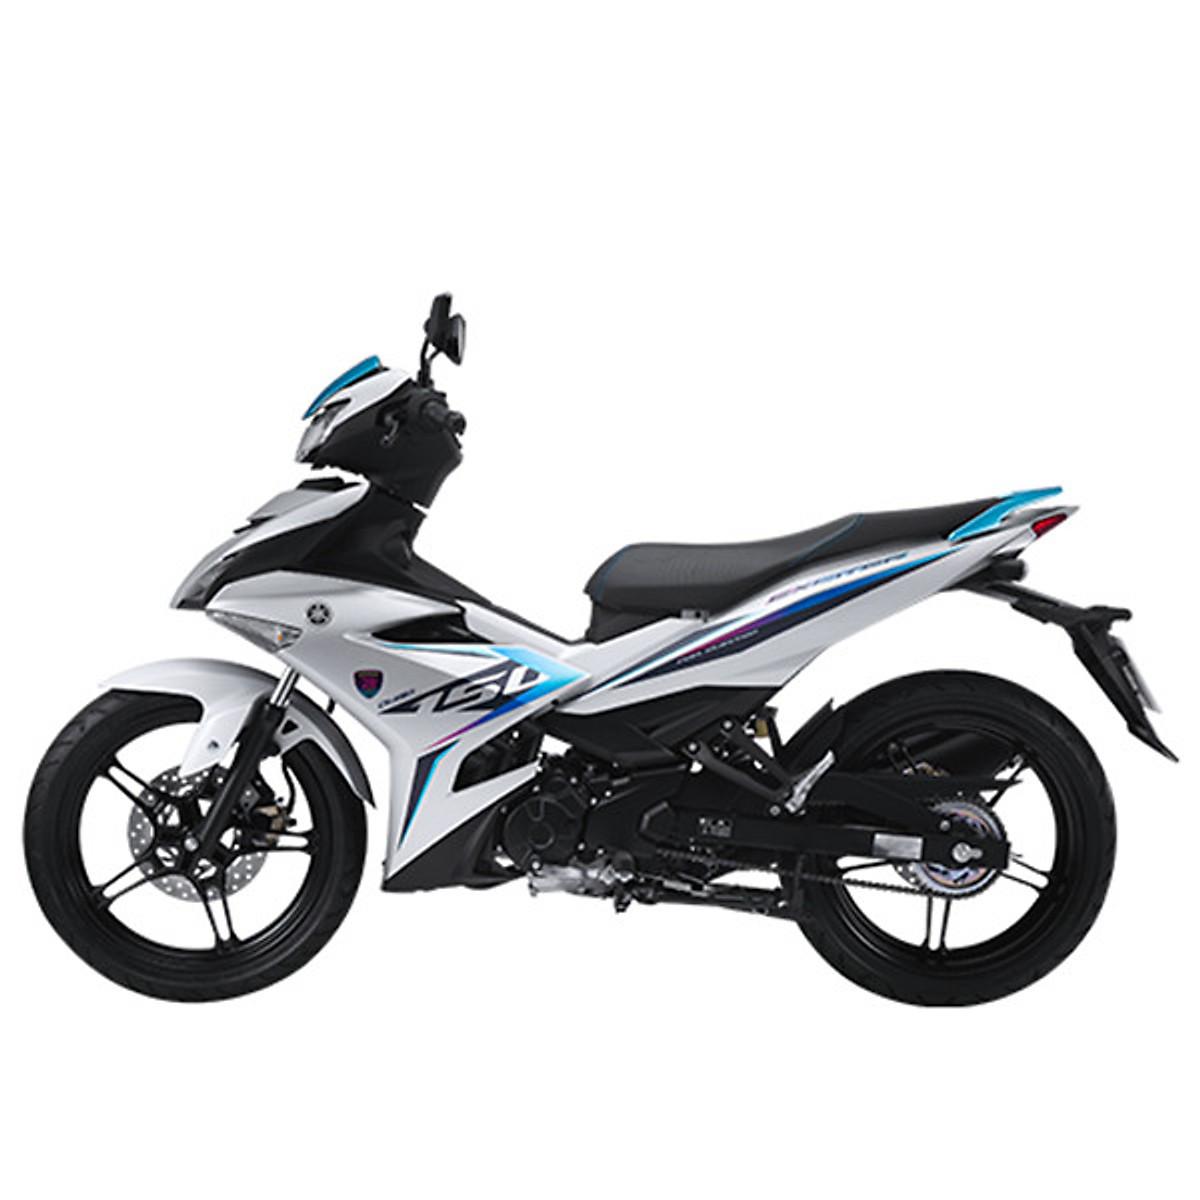 Review Xe Máy Yamaha Exciter 150 Phiên Bản Kỉ Niệm 20 Năm